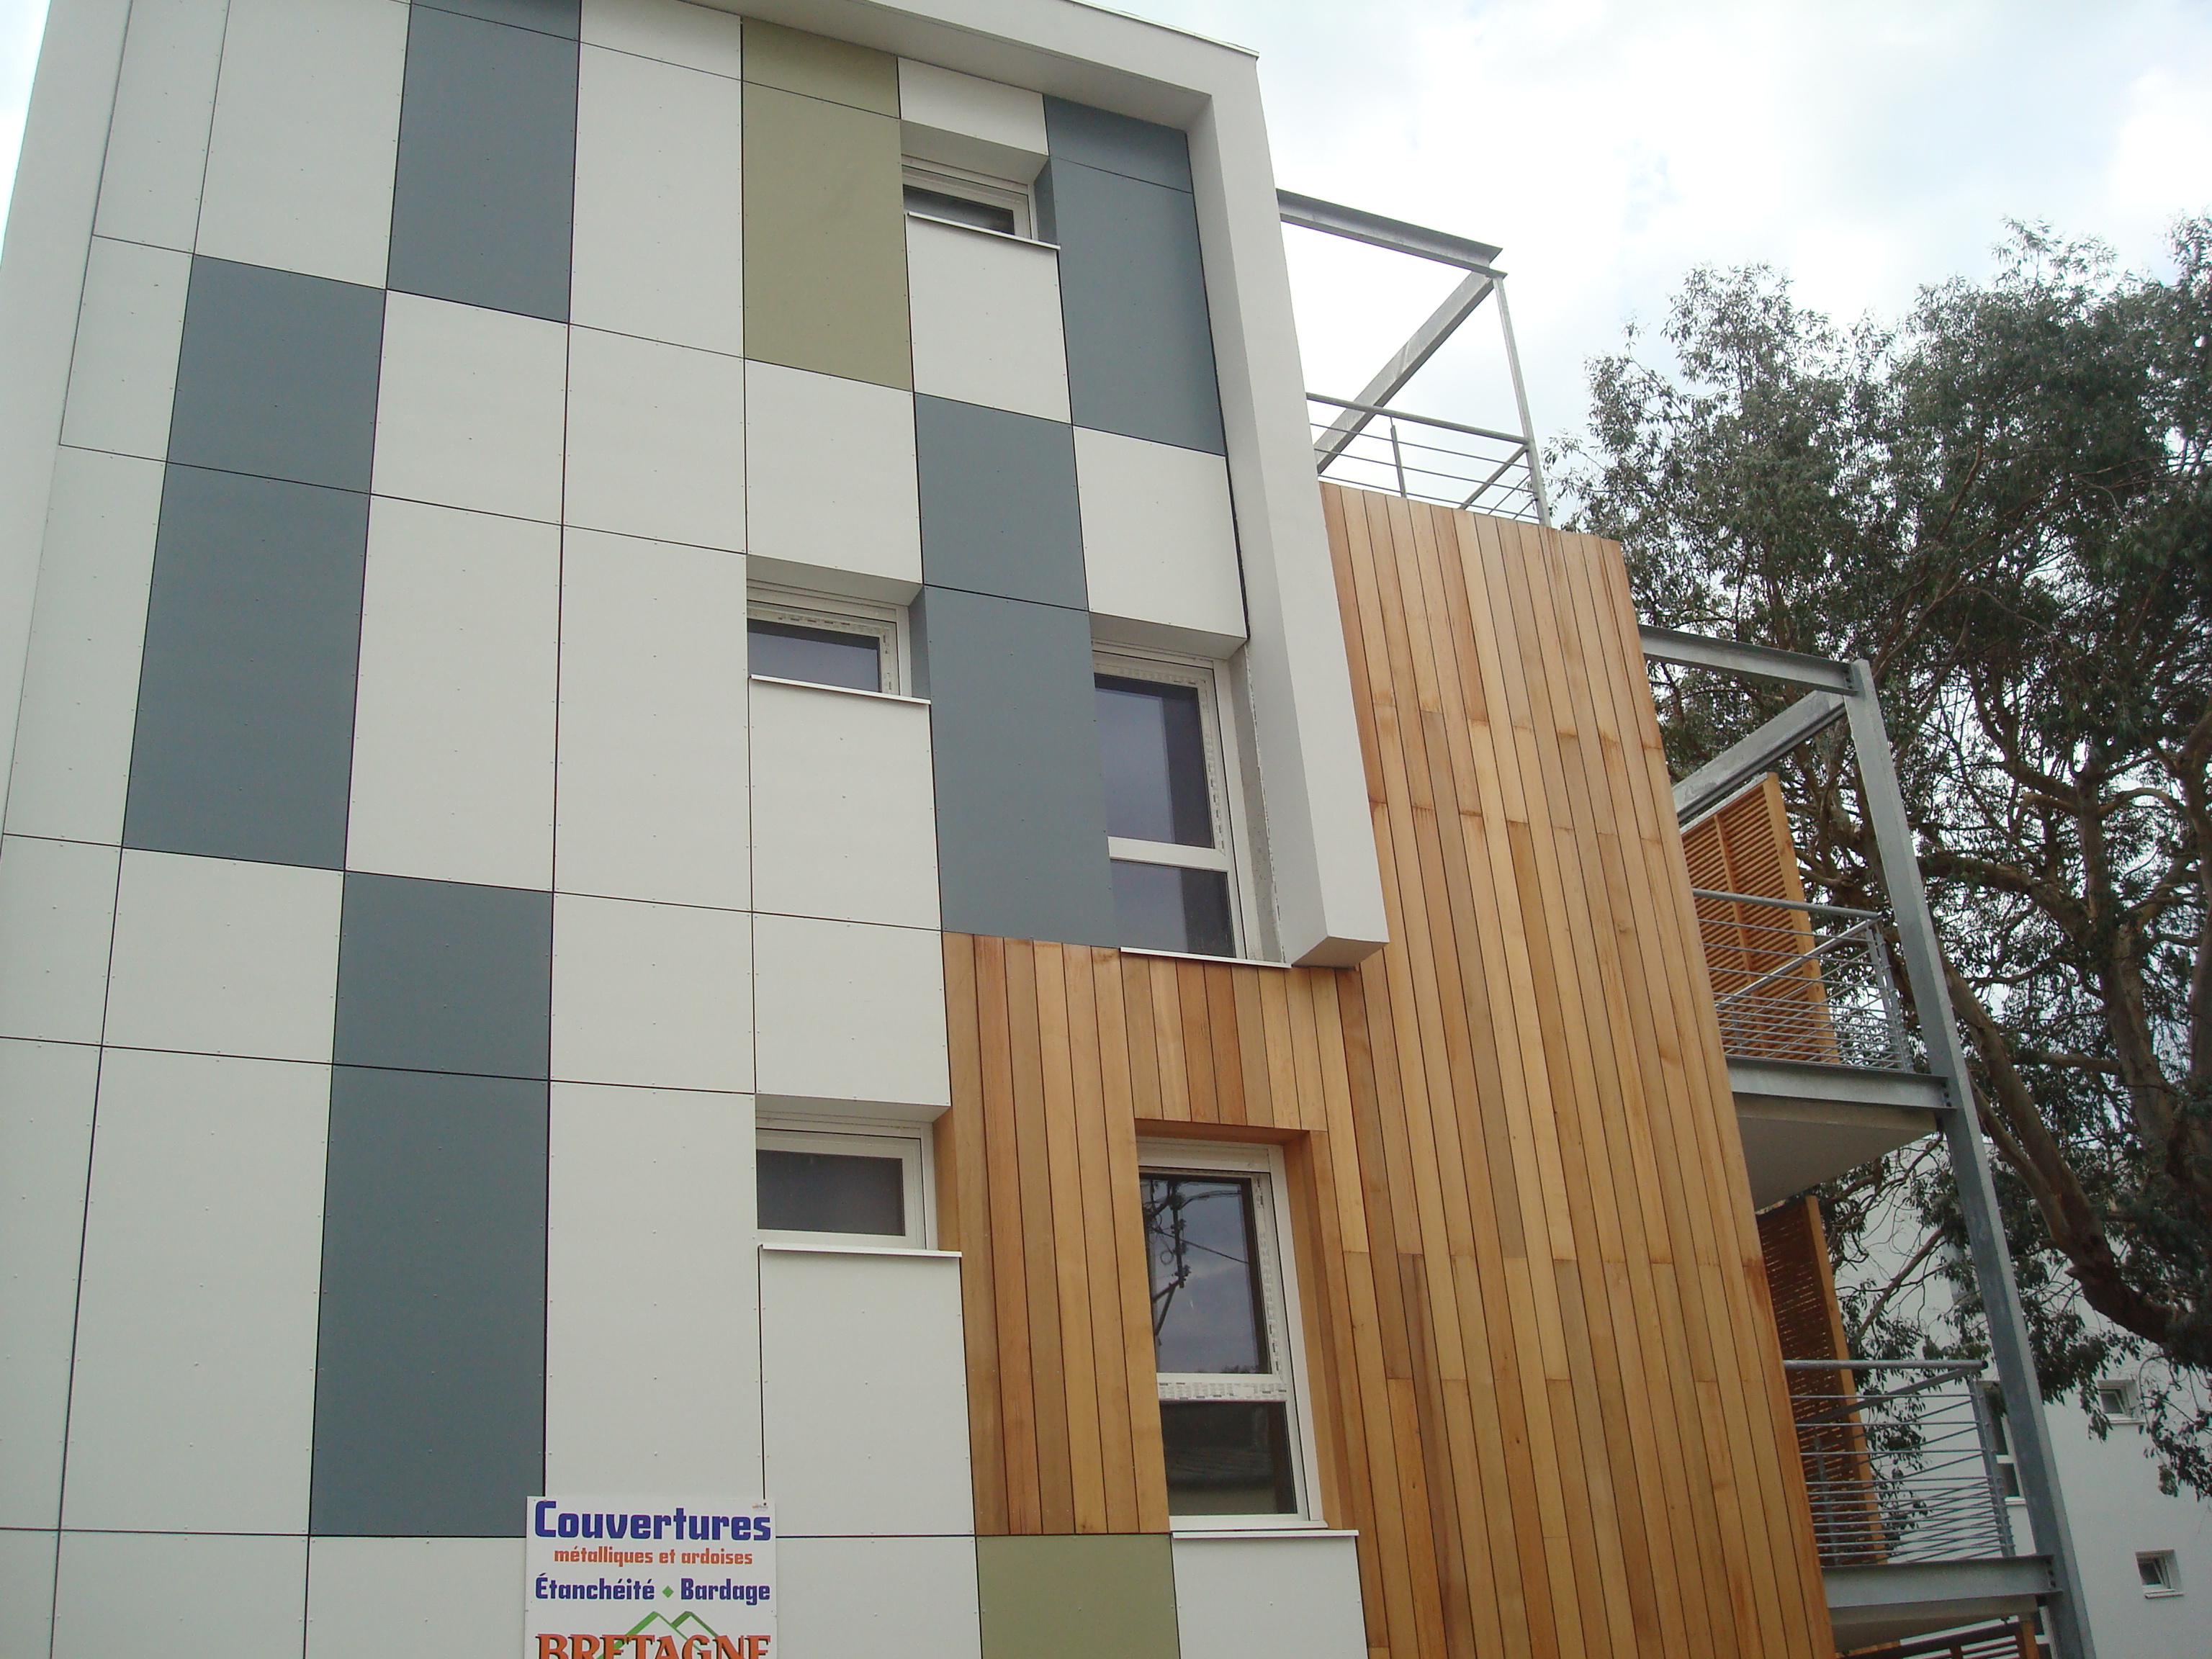 appartement neuf brest saint marc 206 000 fai brest appartement maison dom immo. Black Bedroom Furniture Sets. Home Design Ideas